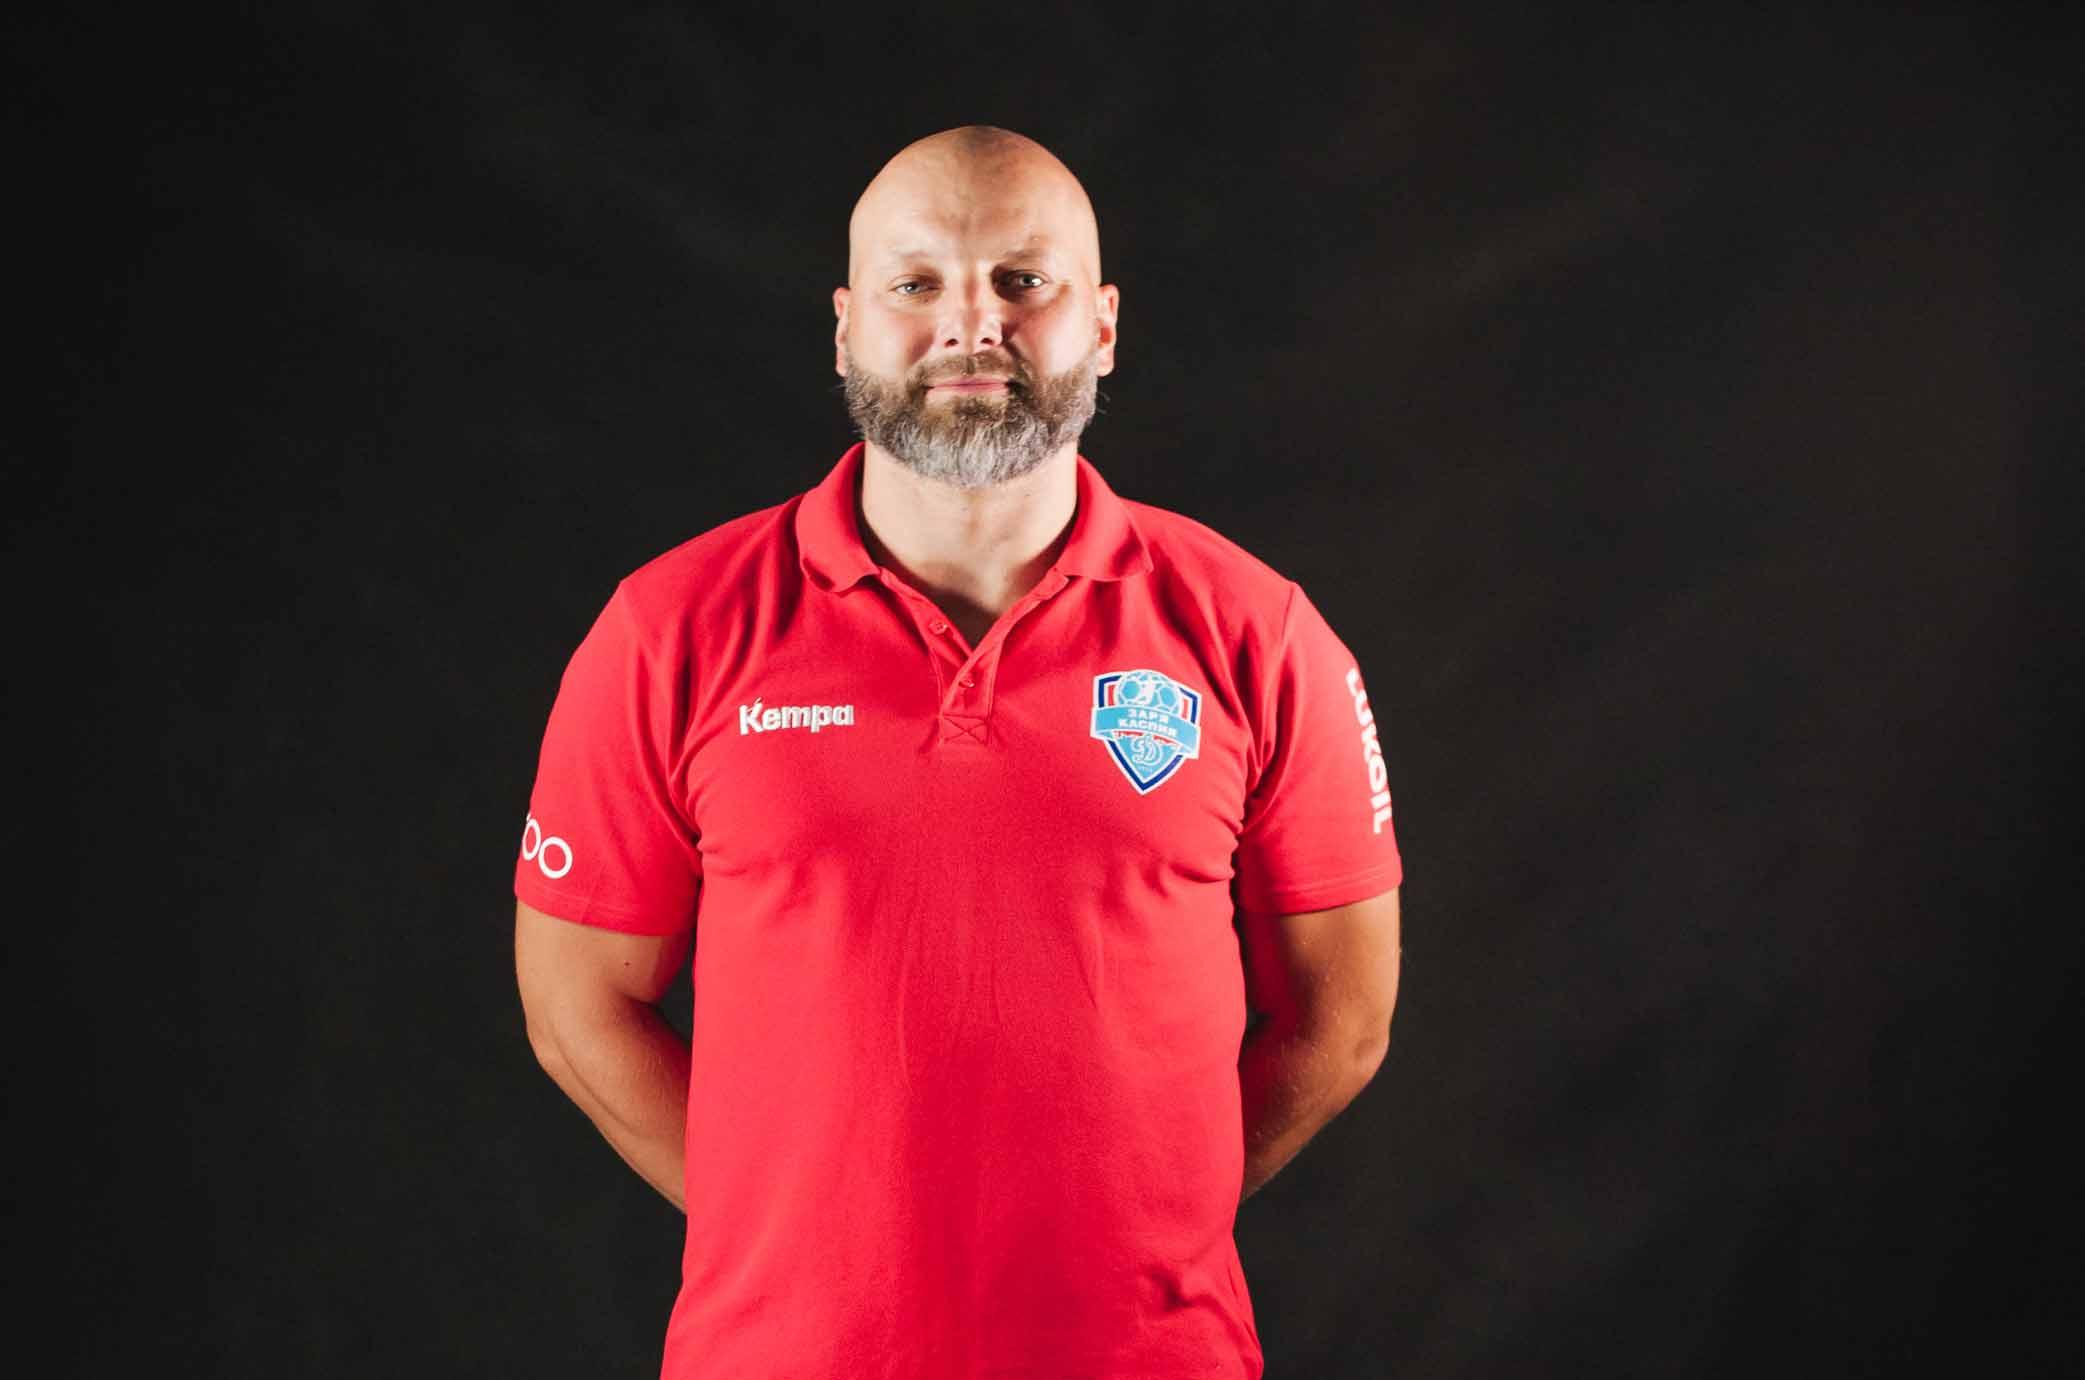 Интервью главного тренера команды «Динамо» Астрахань-Горбатикова А.В